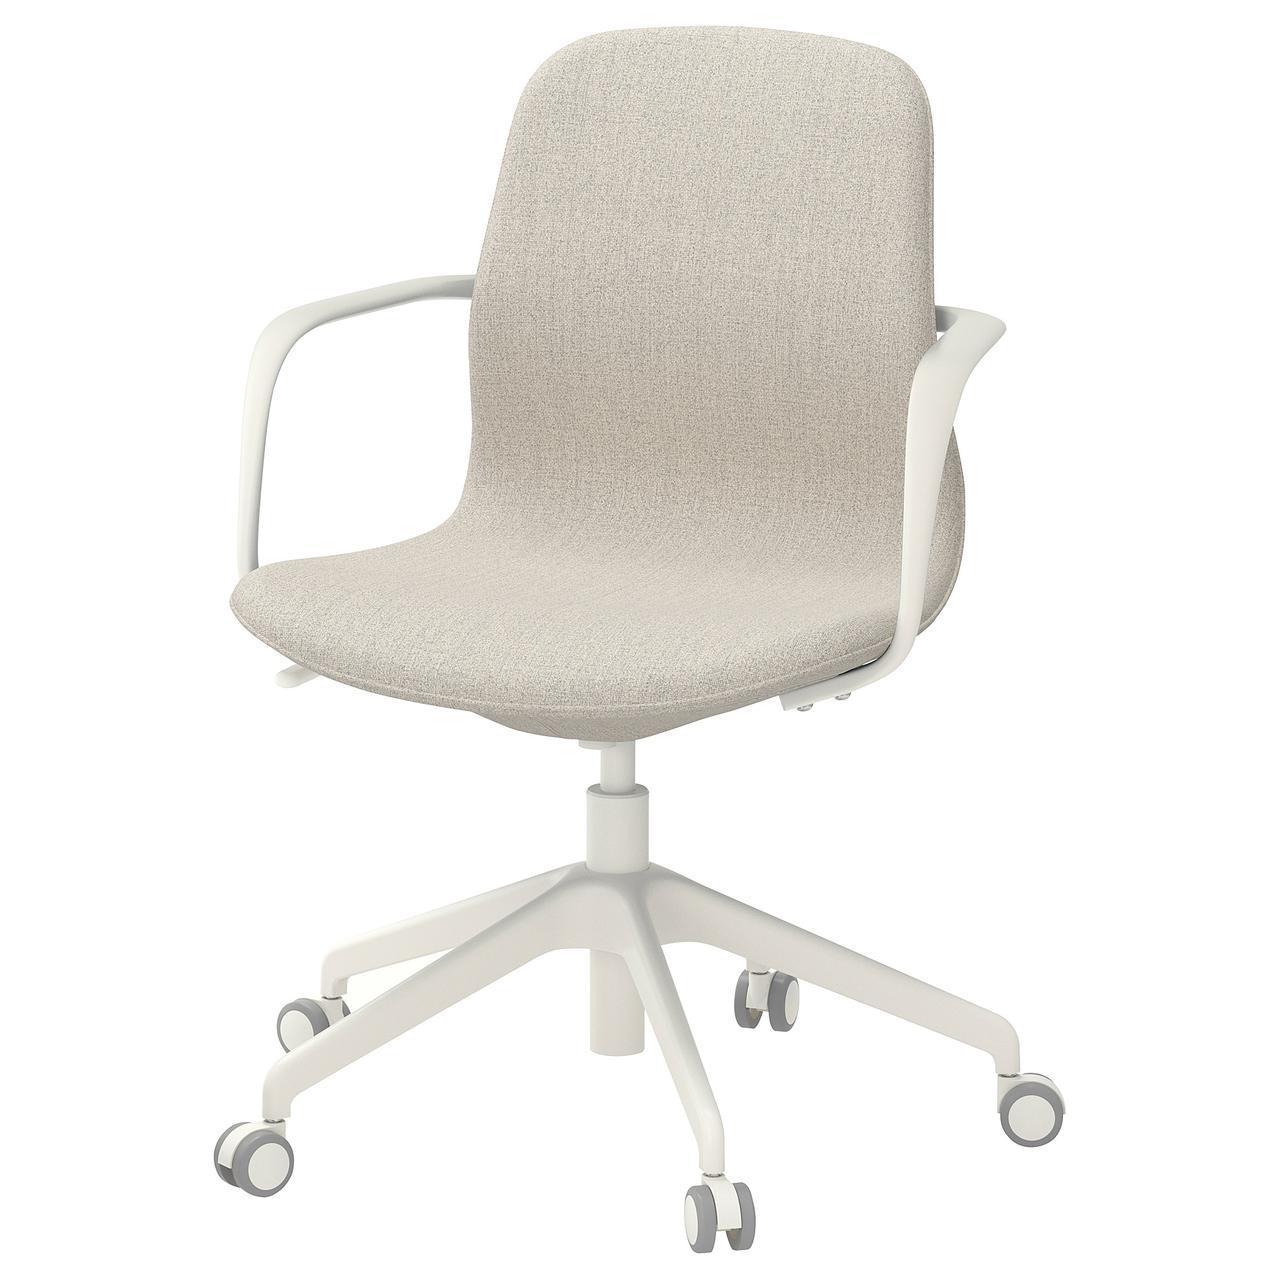 Компьютерное кресло IKEA LÅNGFJÄLL Gunnared бежевое белое 492.527.65